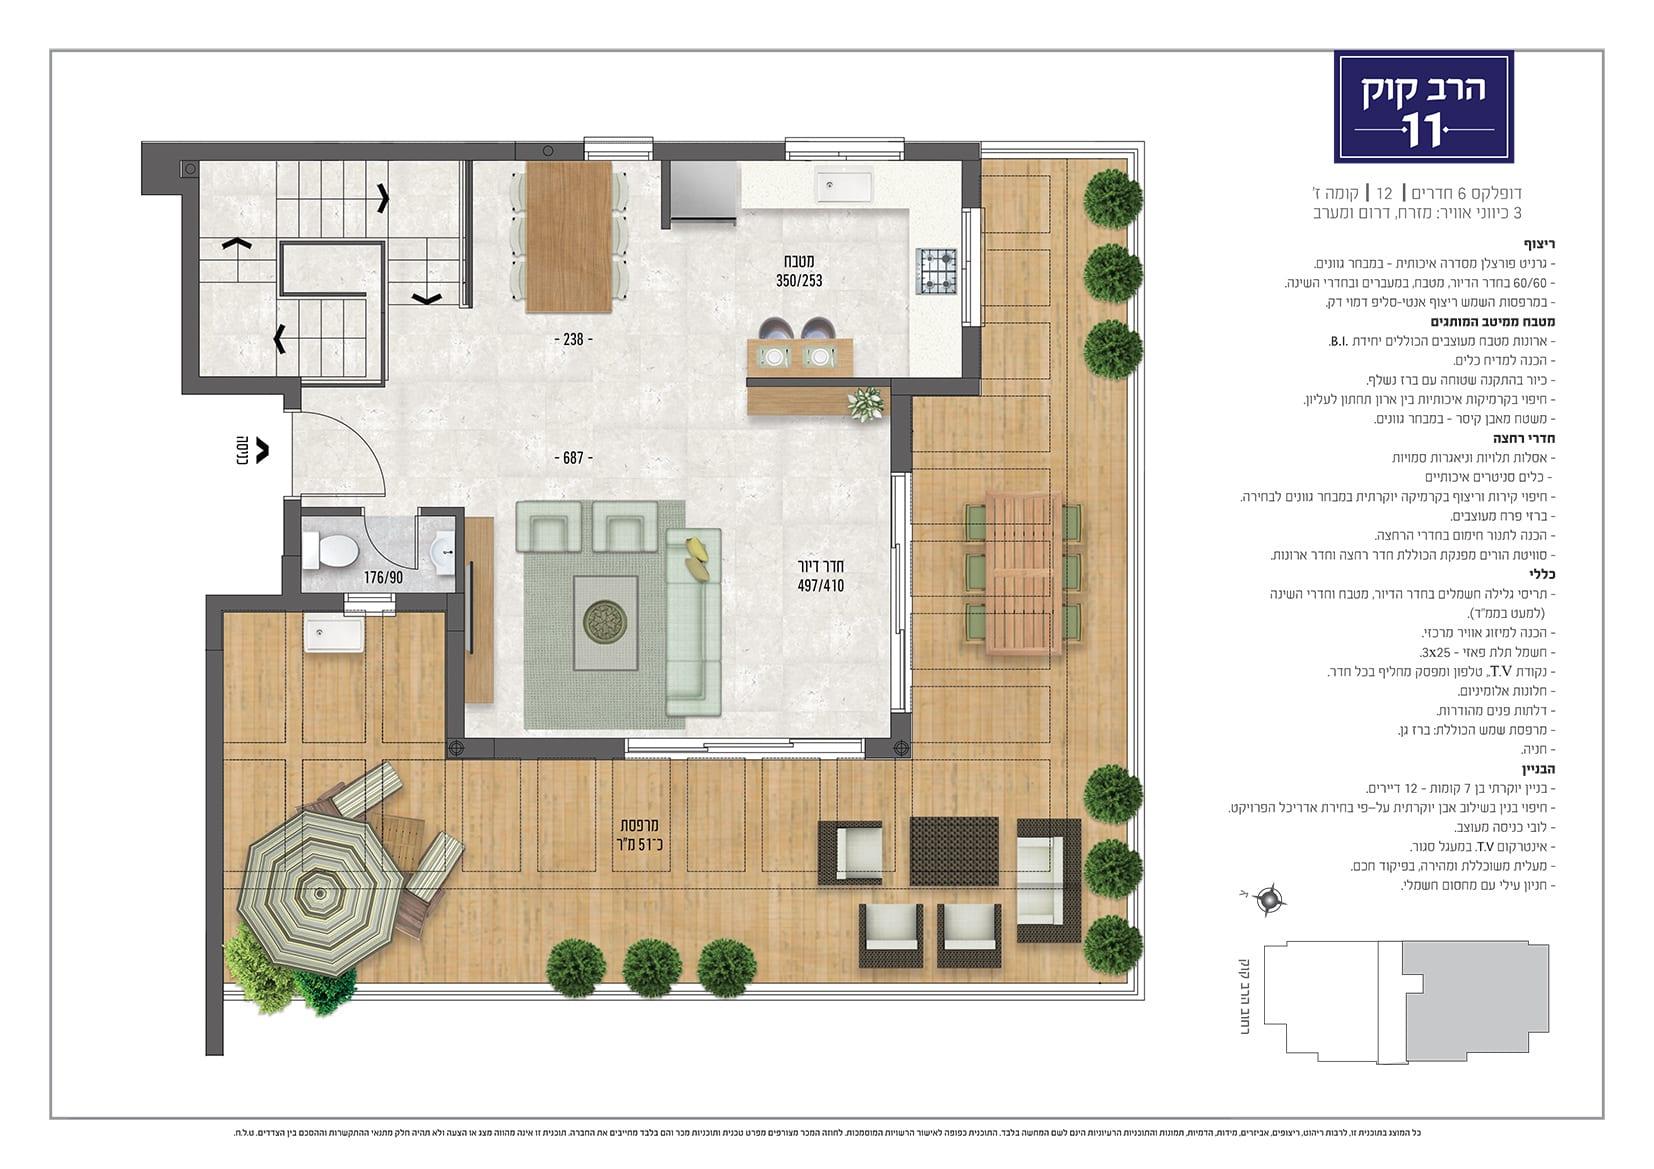 דופלקס 6 חדרים, קומה 7 - מספר 12